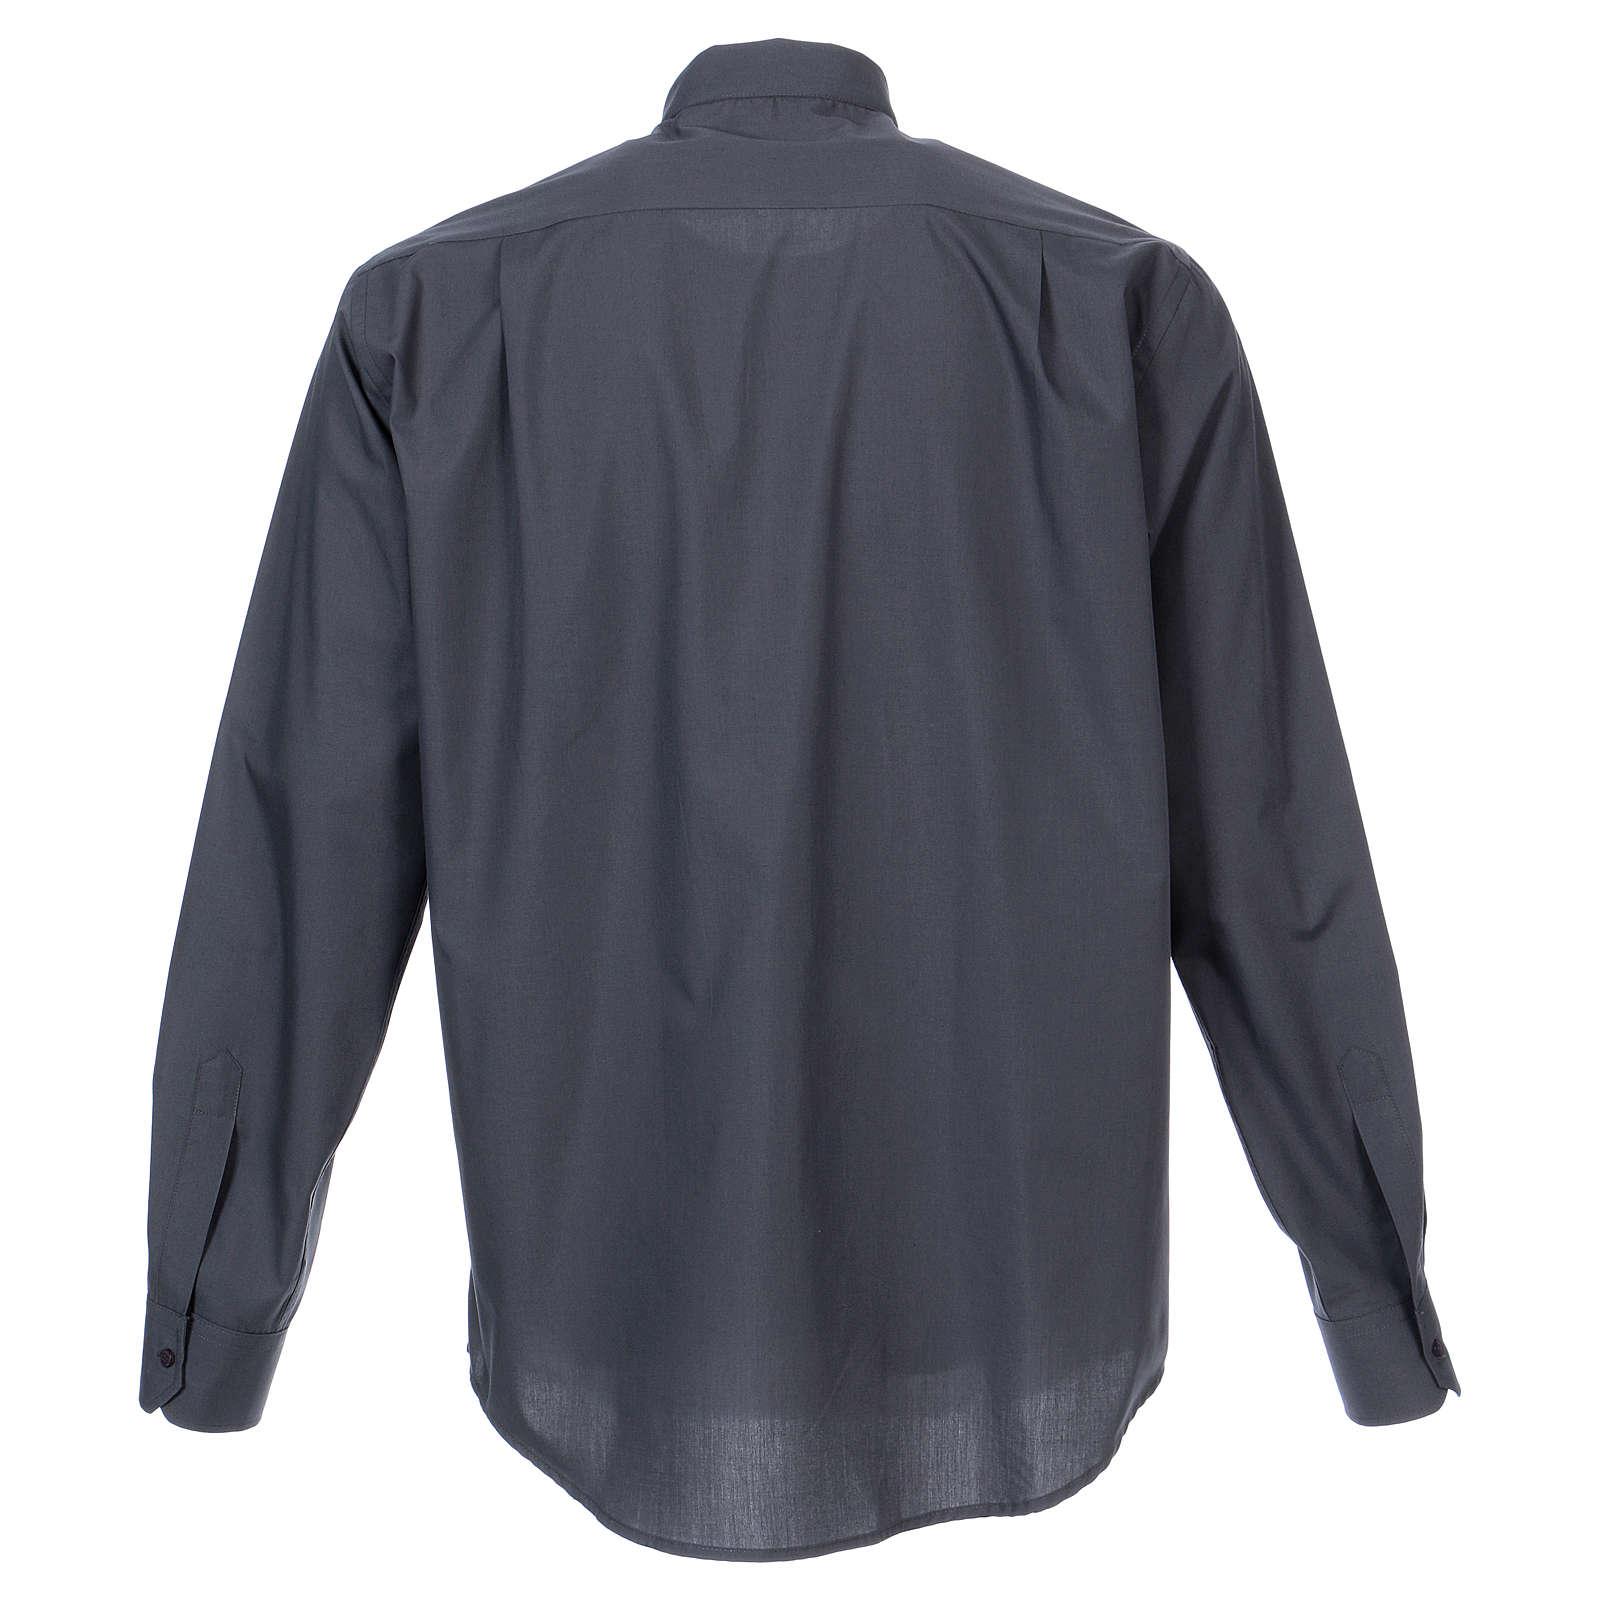 Koszula kapłańska długi rękaw ciemny szary mieszana bawełna In Primis 4